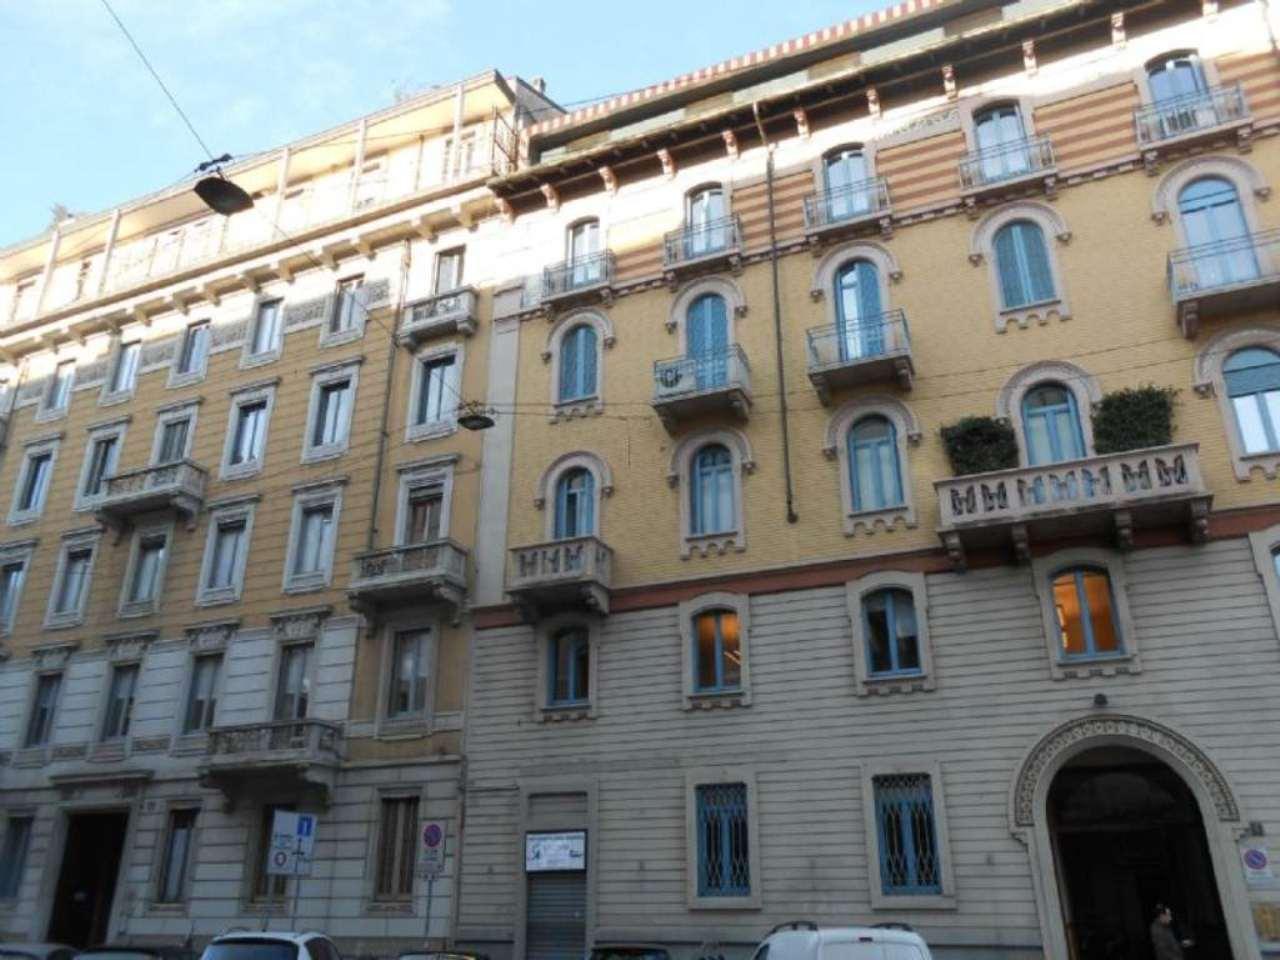 Ufficio studio in affitto a milano via vincenzo monti for Ufficio affitto